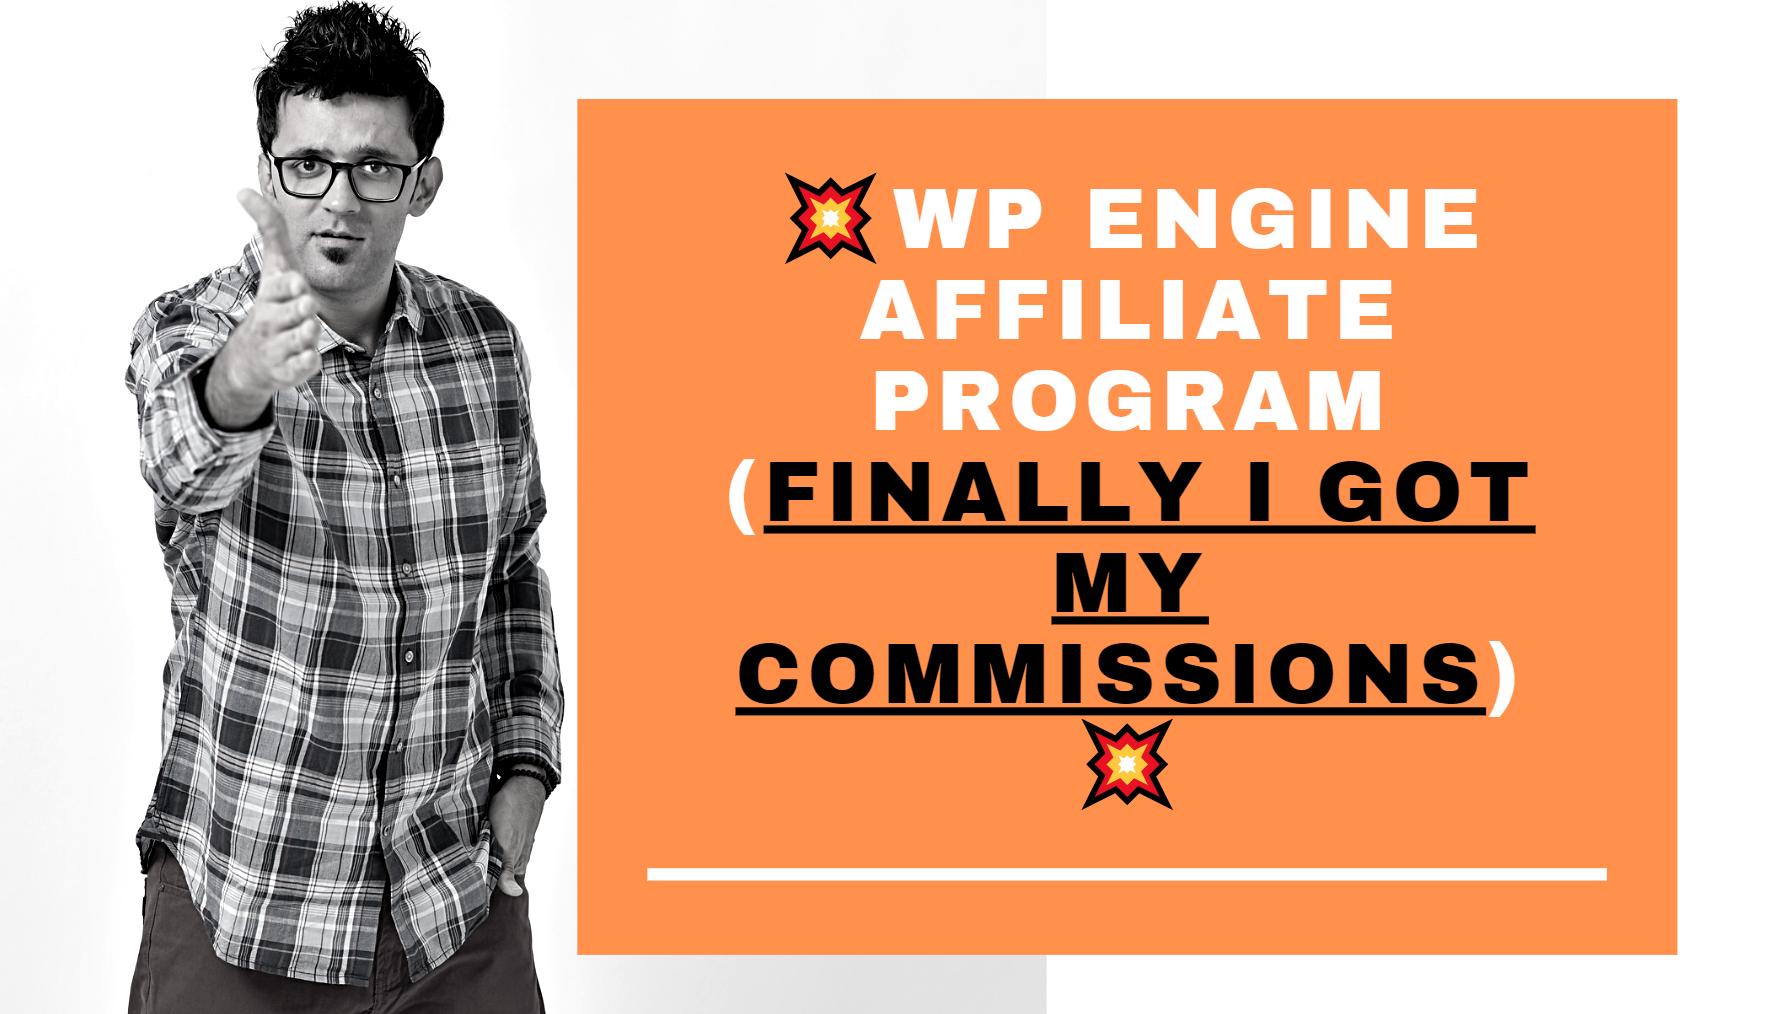 Wp engine affiliate reviews